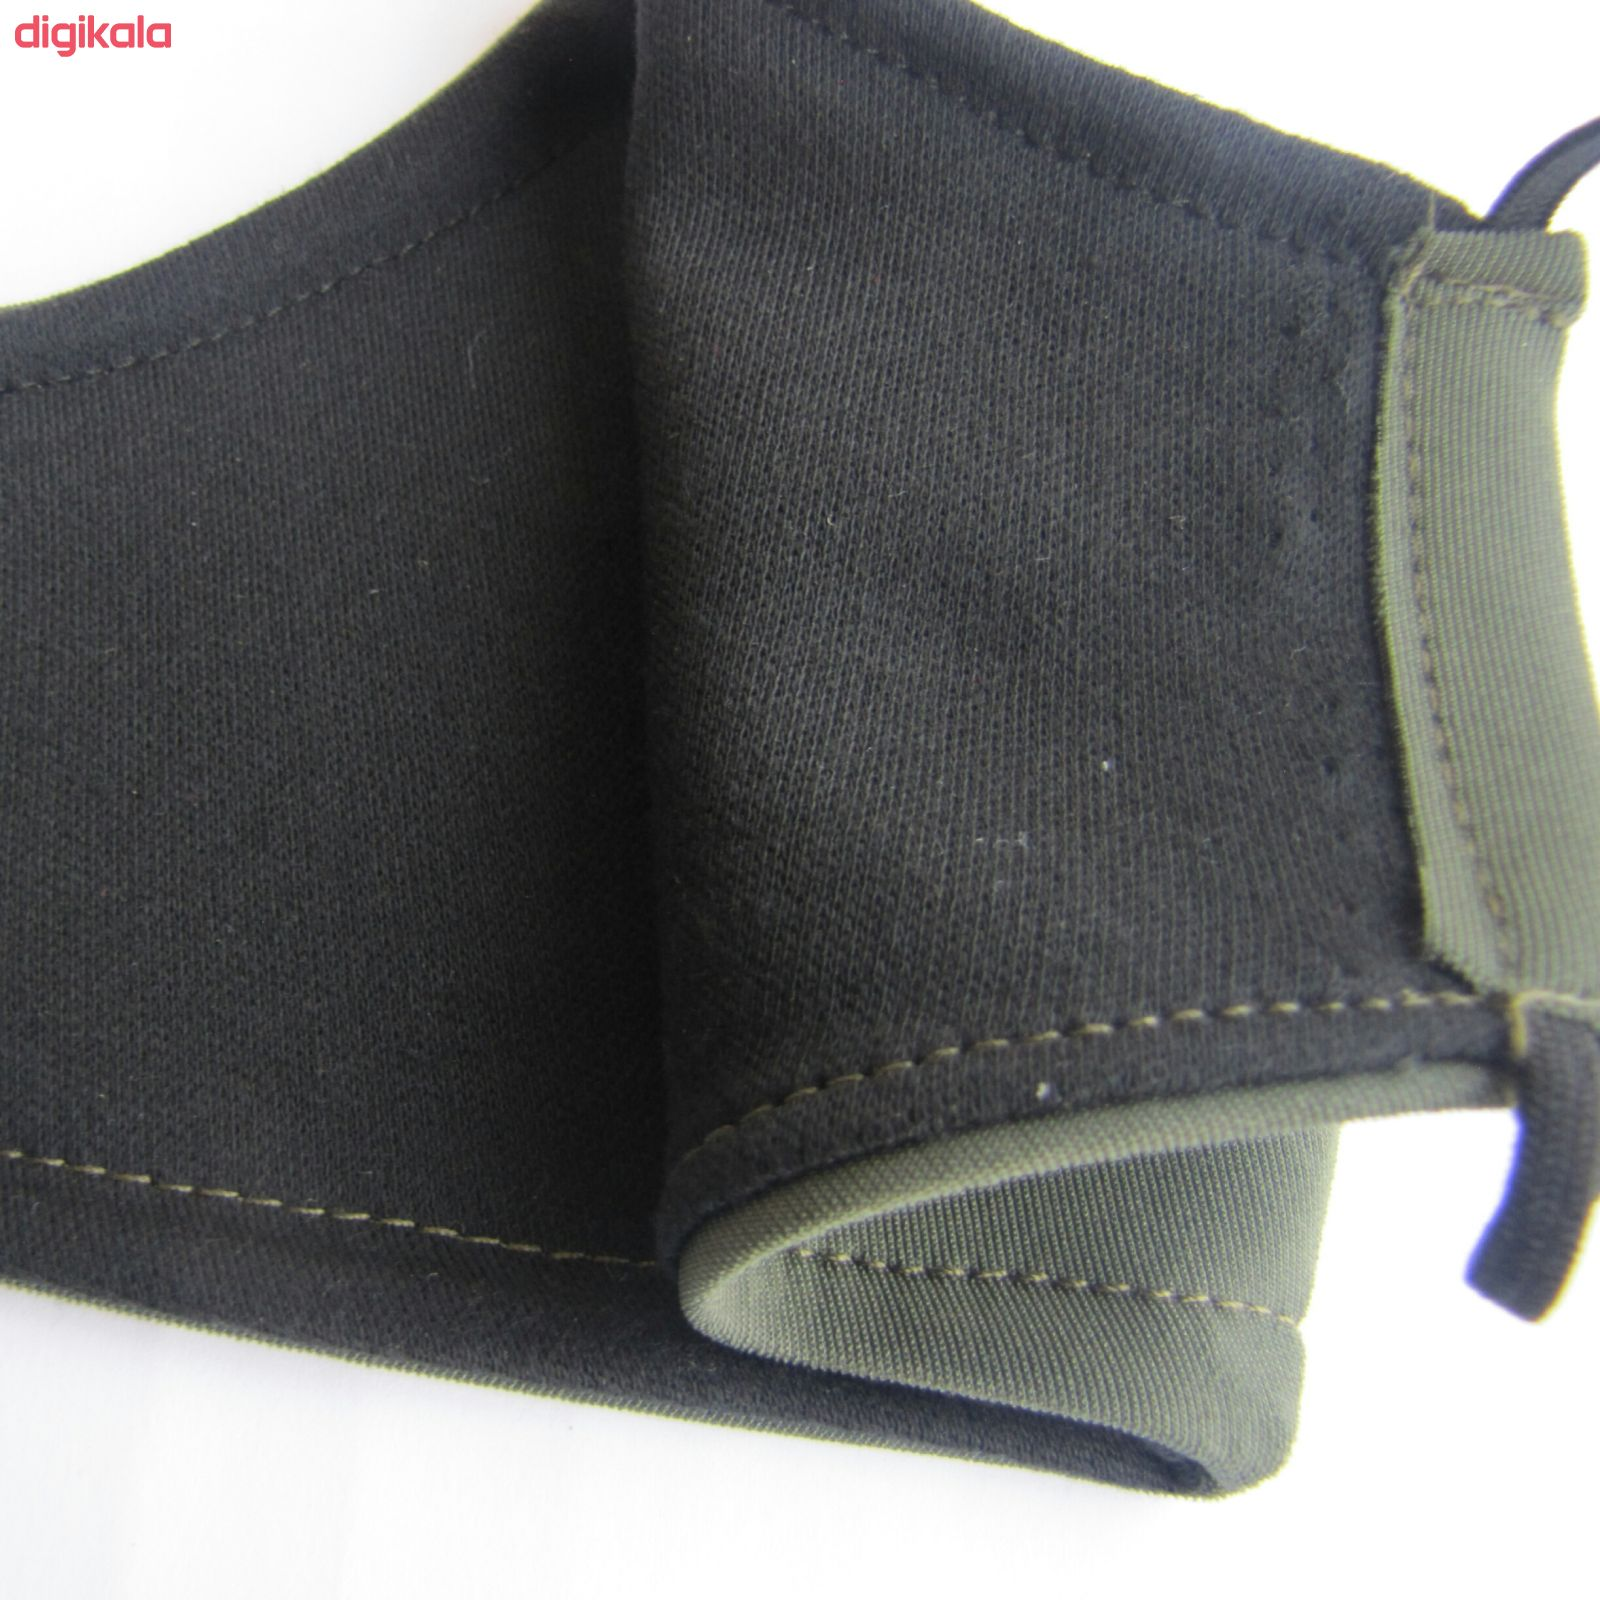 ماسک پارچه ای مدل mgh1 main 1 14